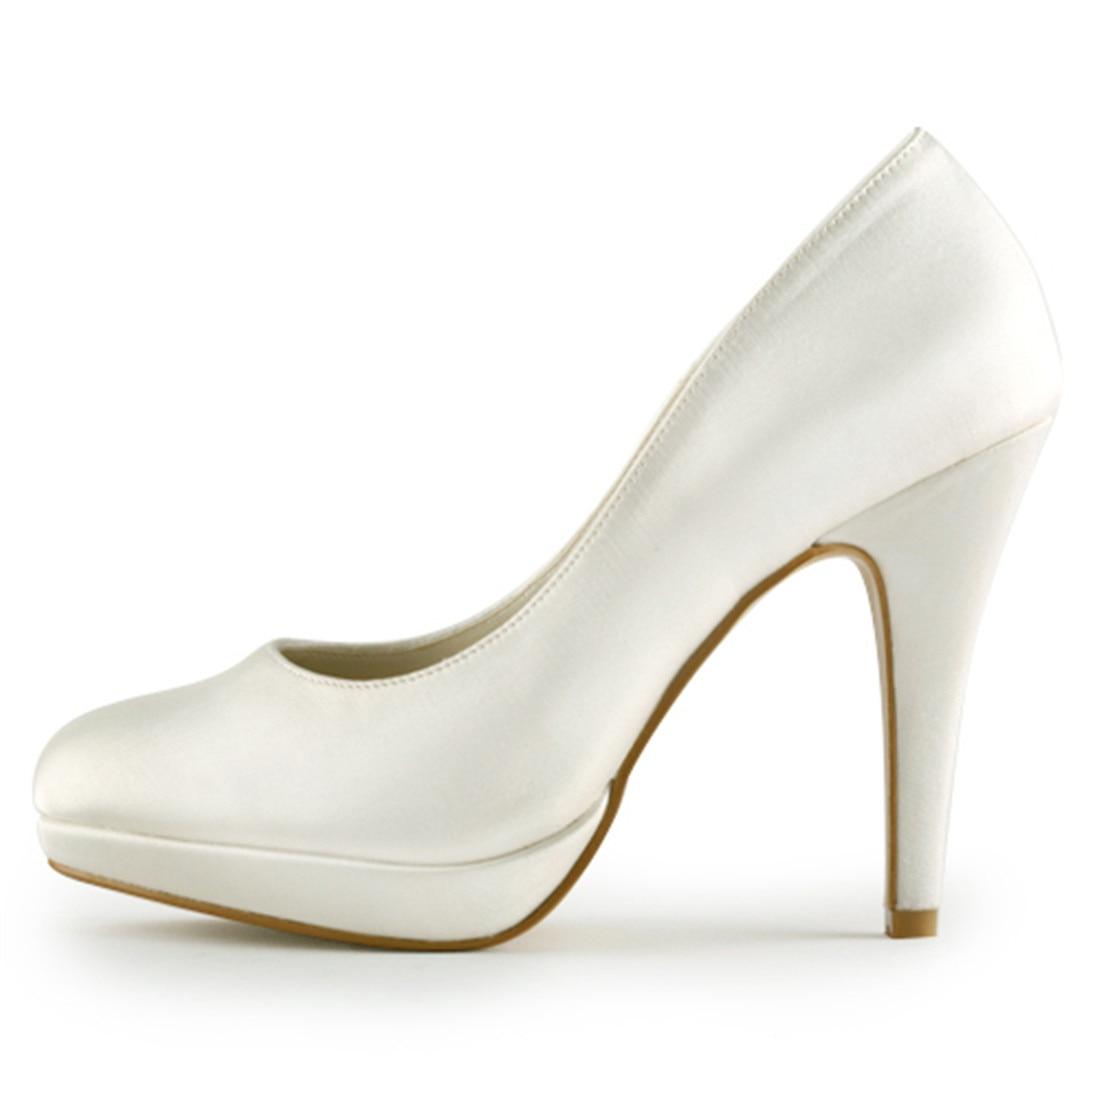 Élégant mince talons hauts mariée demoiselle d'honneur ivoire blanc Champagne plate forme pompes luxe Satin mariage chaussures Uninnova 521 1 LY - 2